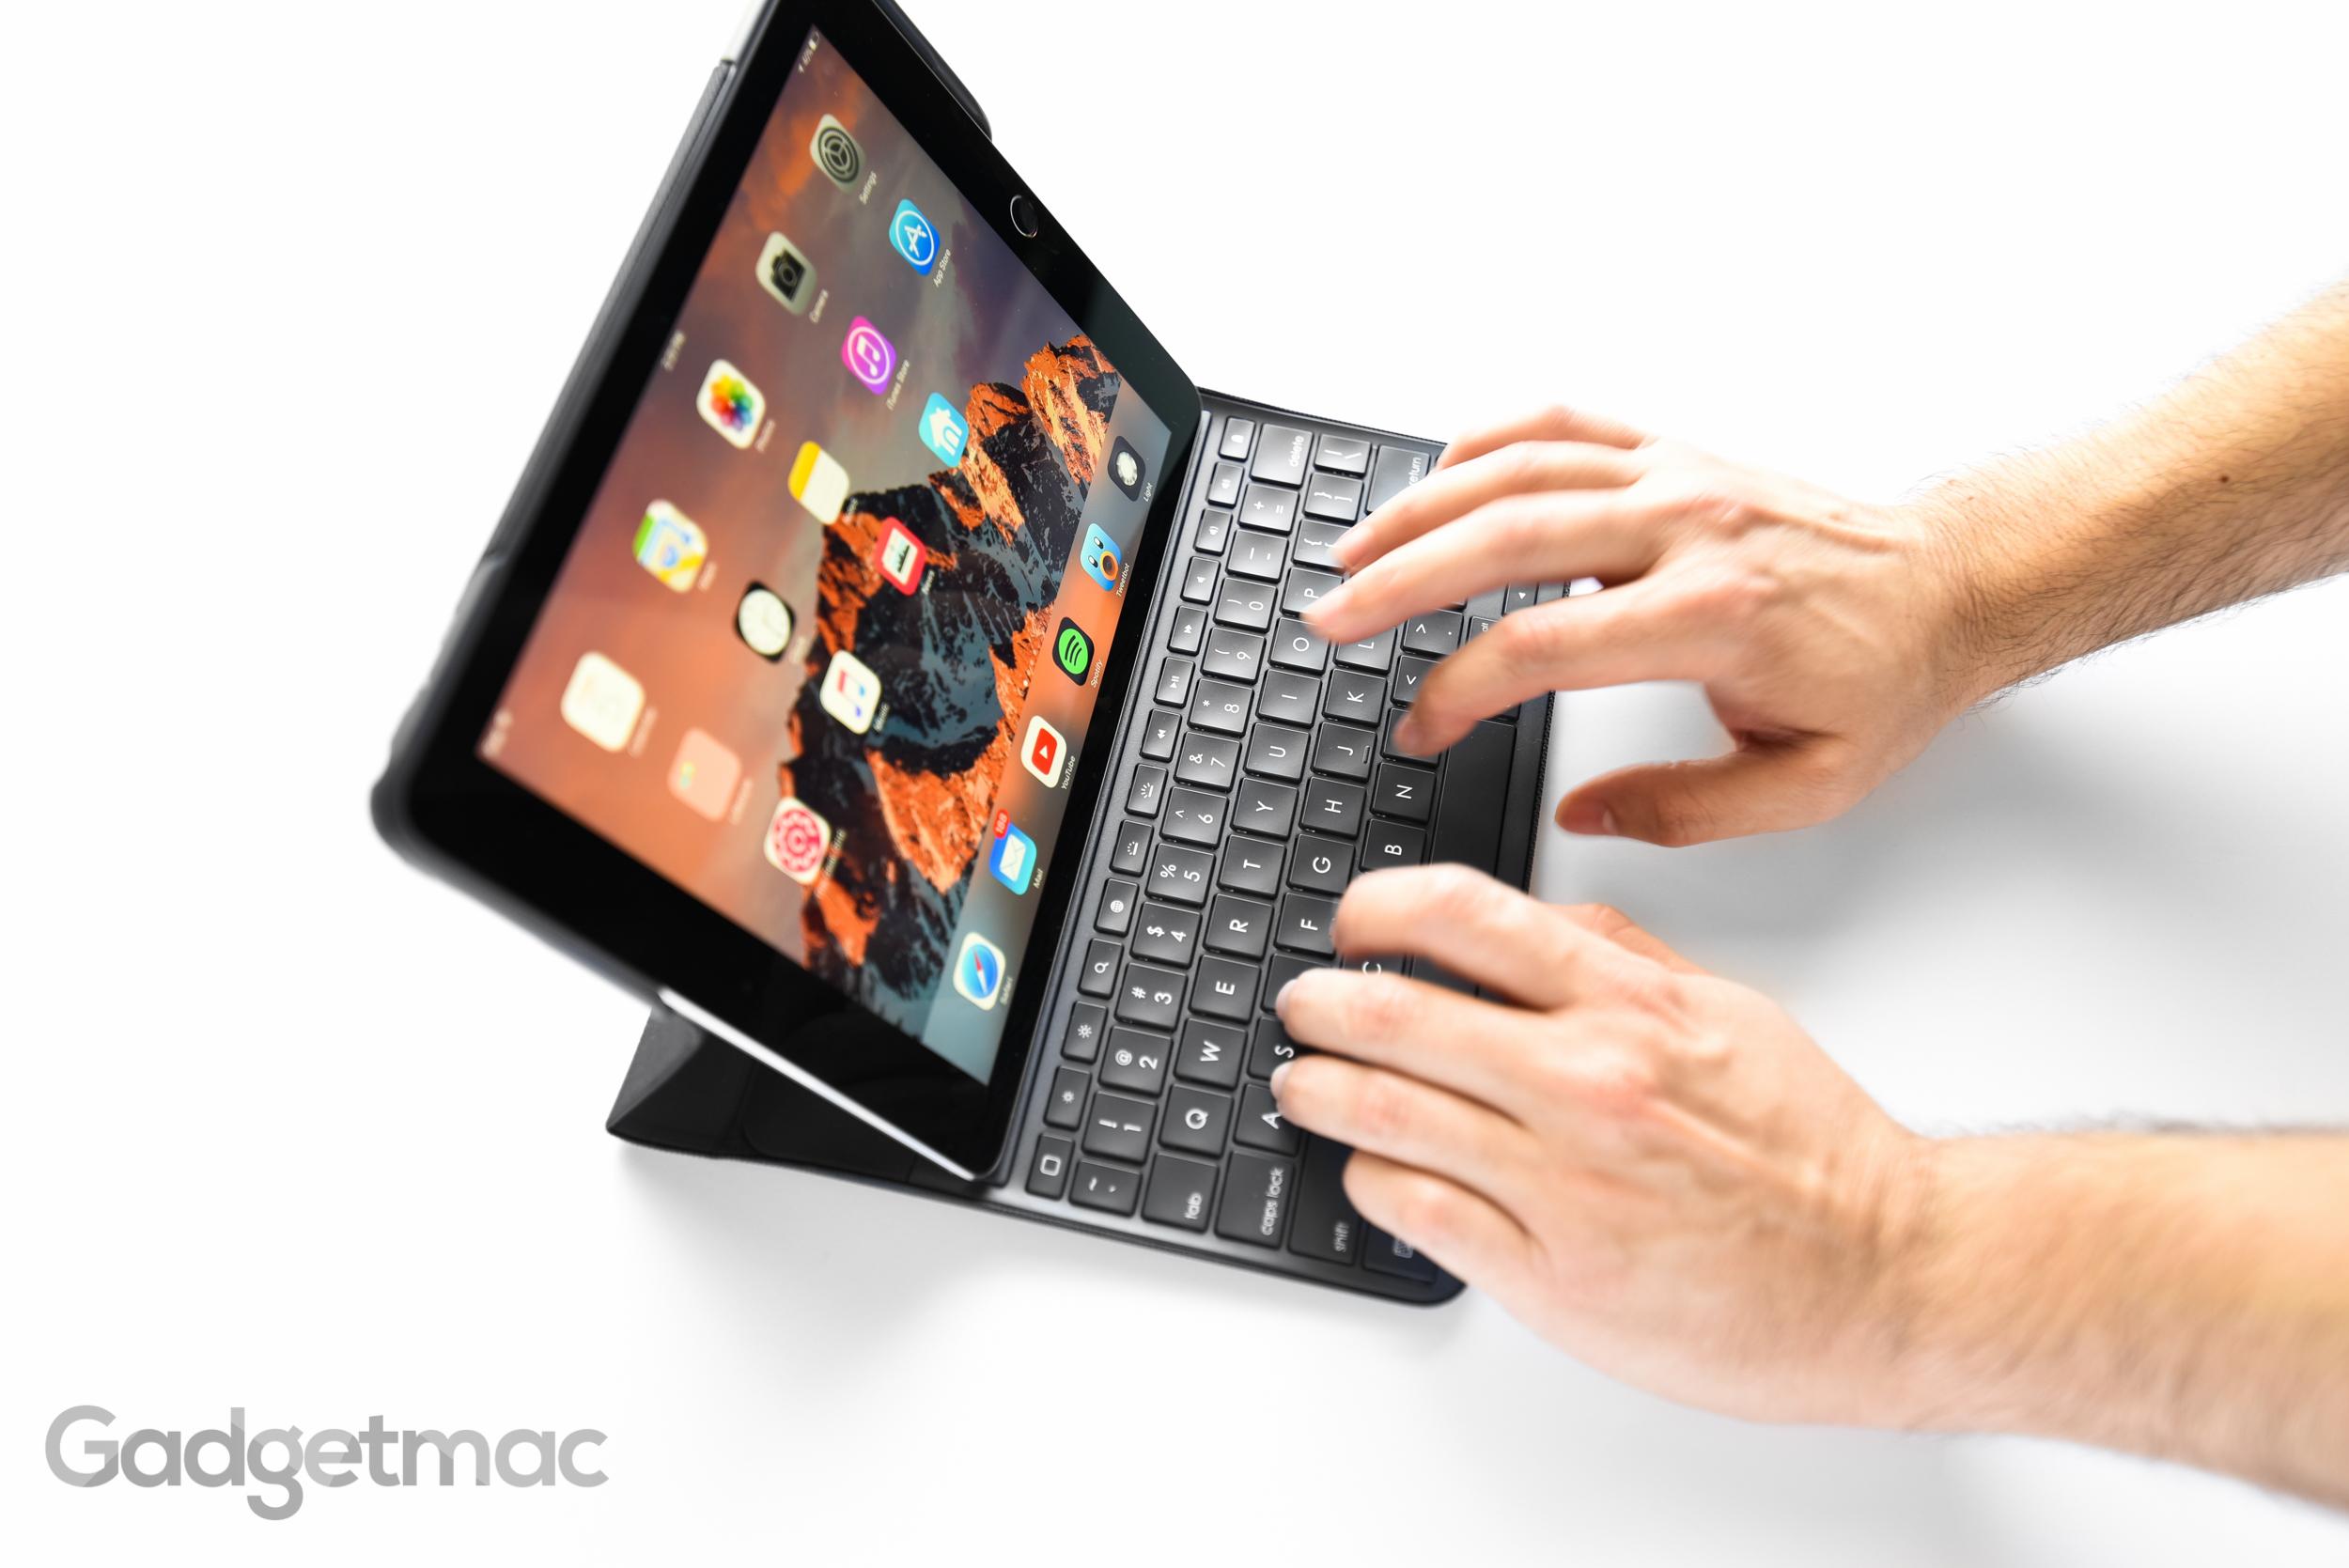 logi-create-ipad-pro-keyboard-case.jpg